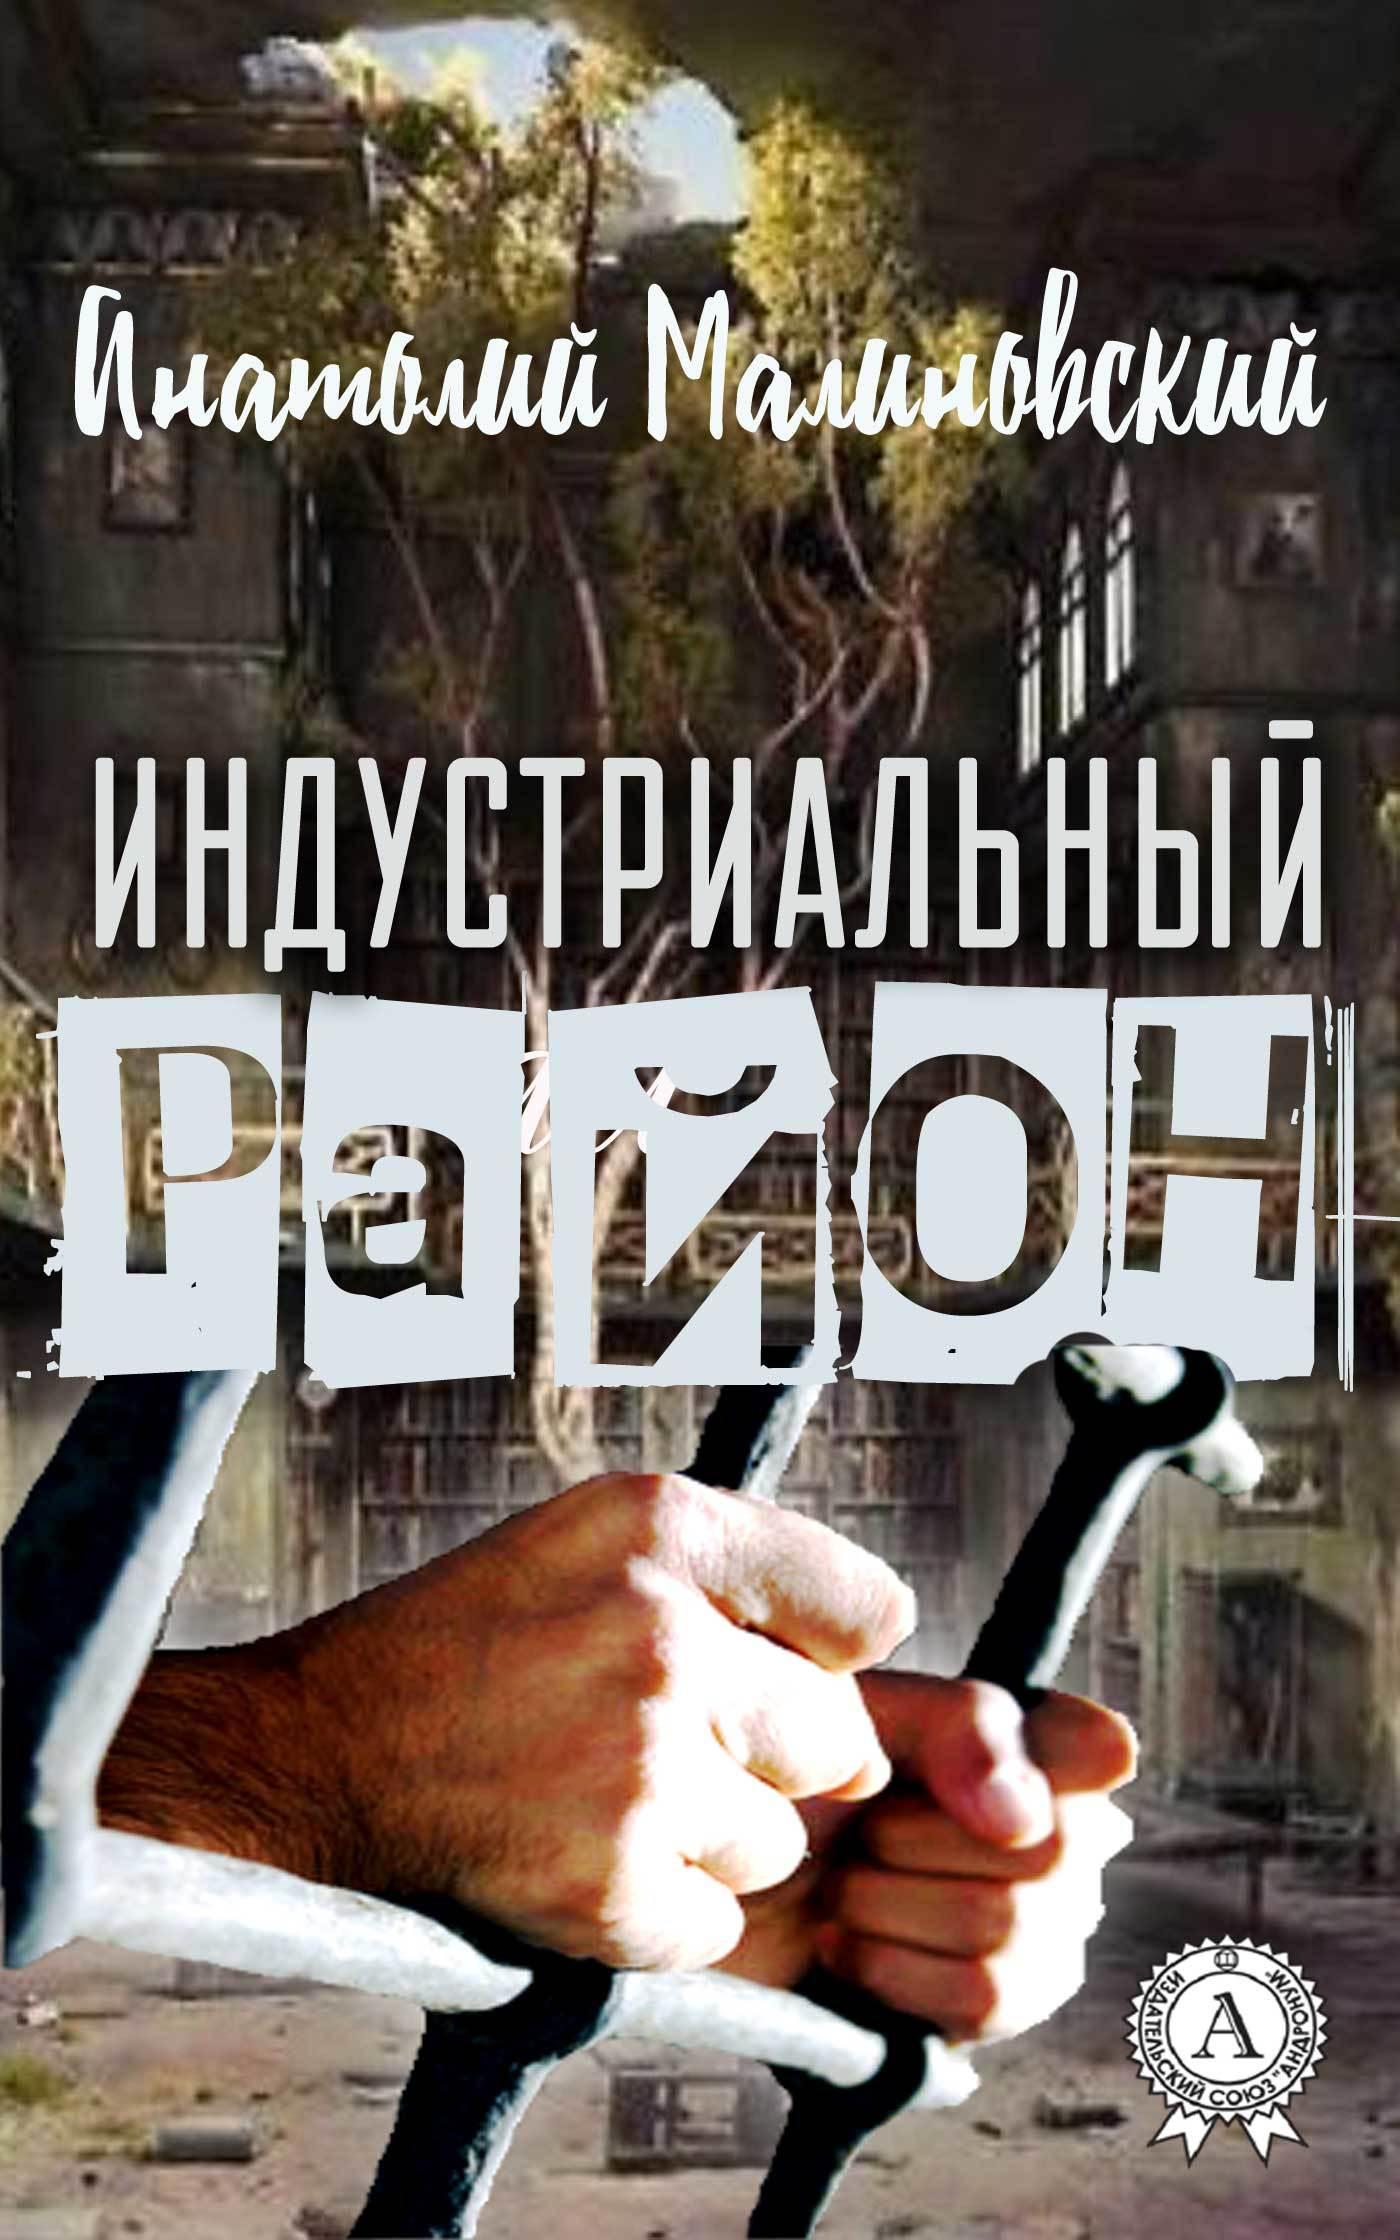 Анатолий Малиноский Индустриальный